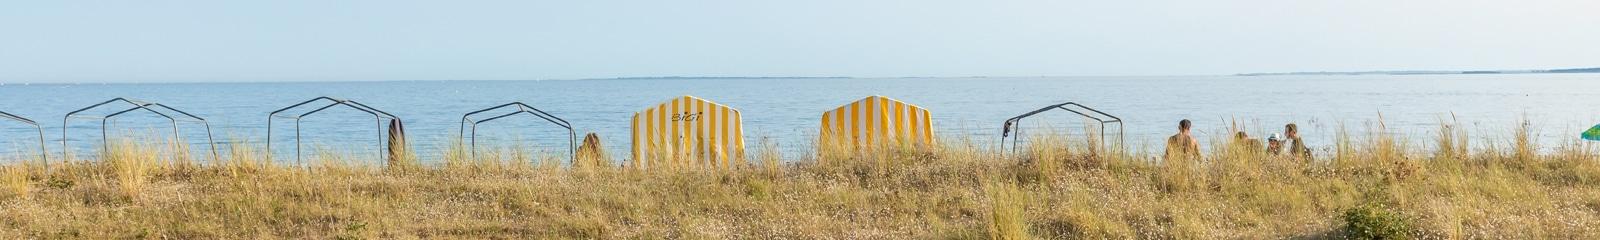 Tente bord de mer Carnac Philippe Meunier